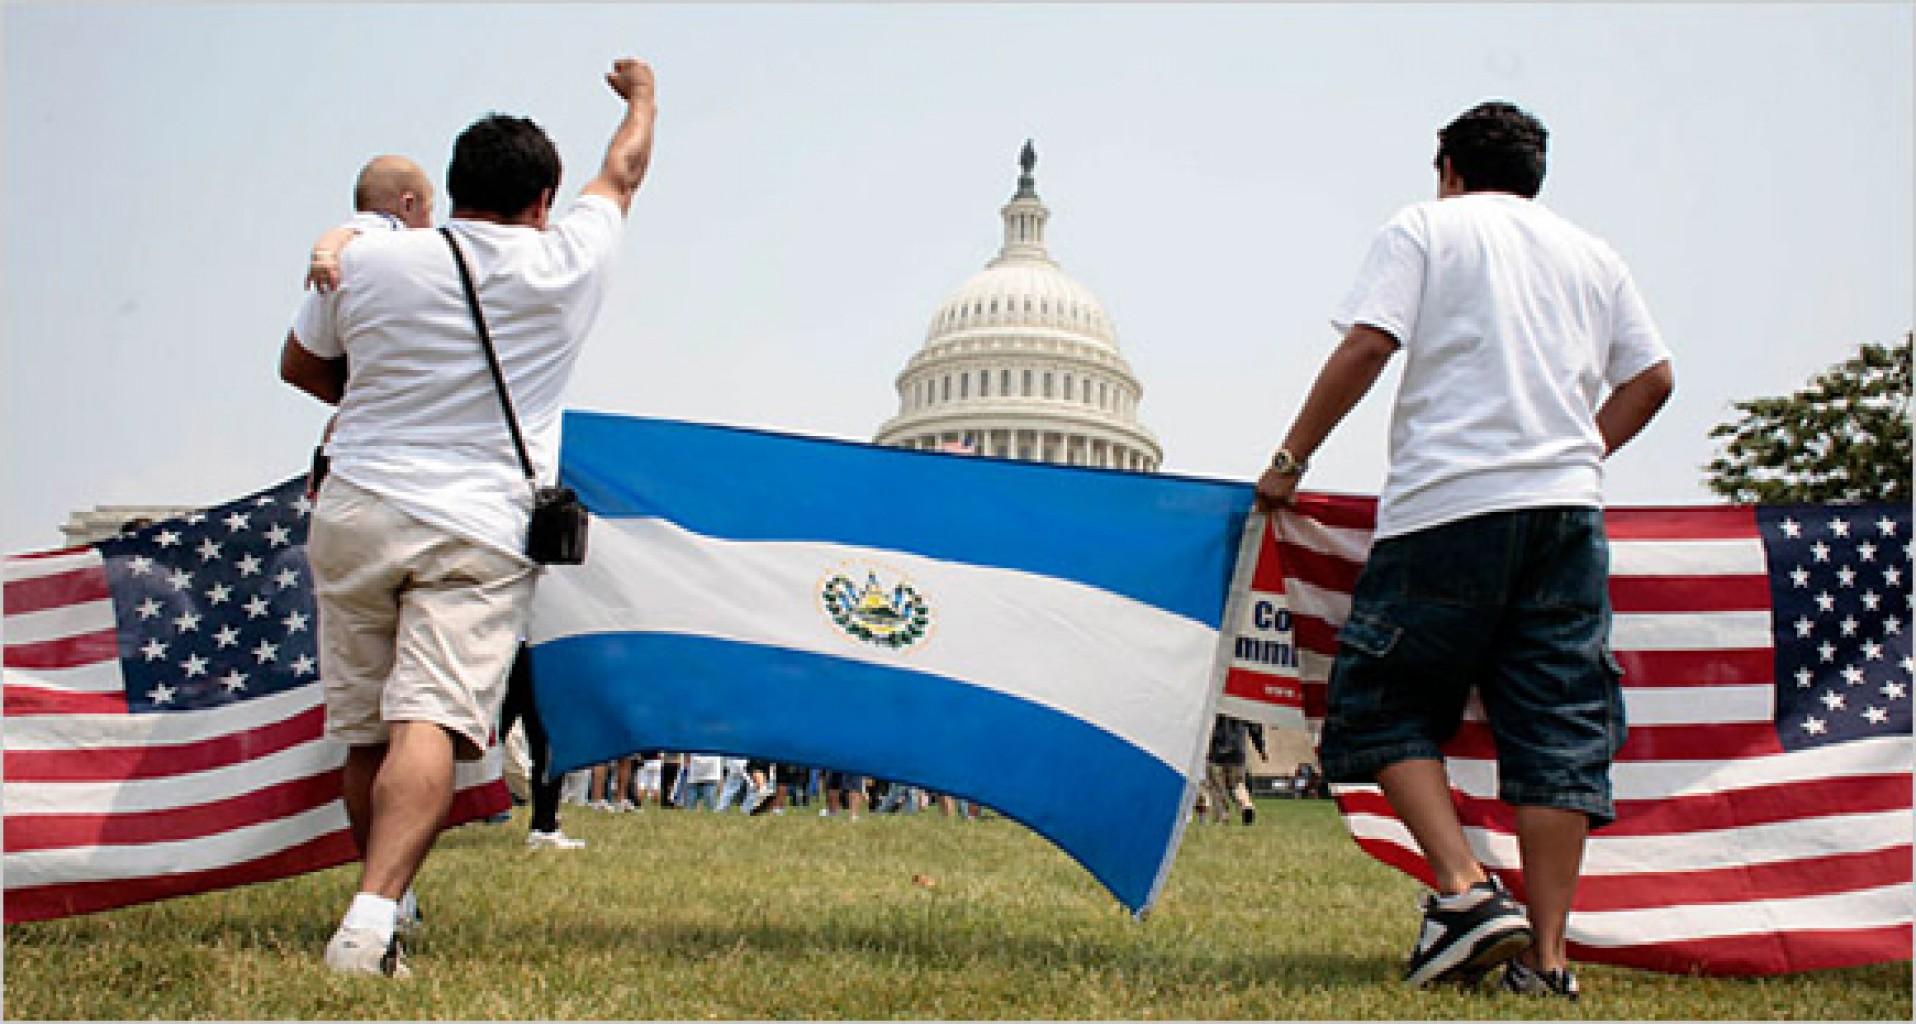 Comunidad condena la decisión de terminar el (TPS) para más de 200 mil Salvadoreños